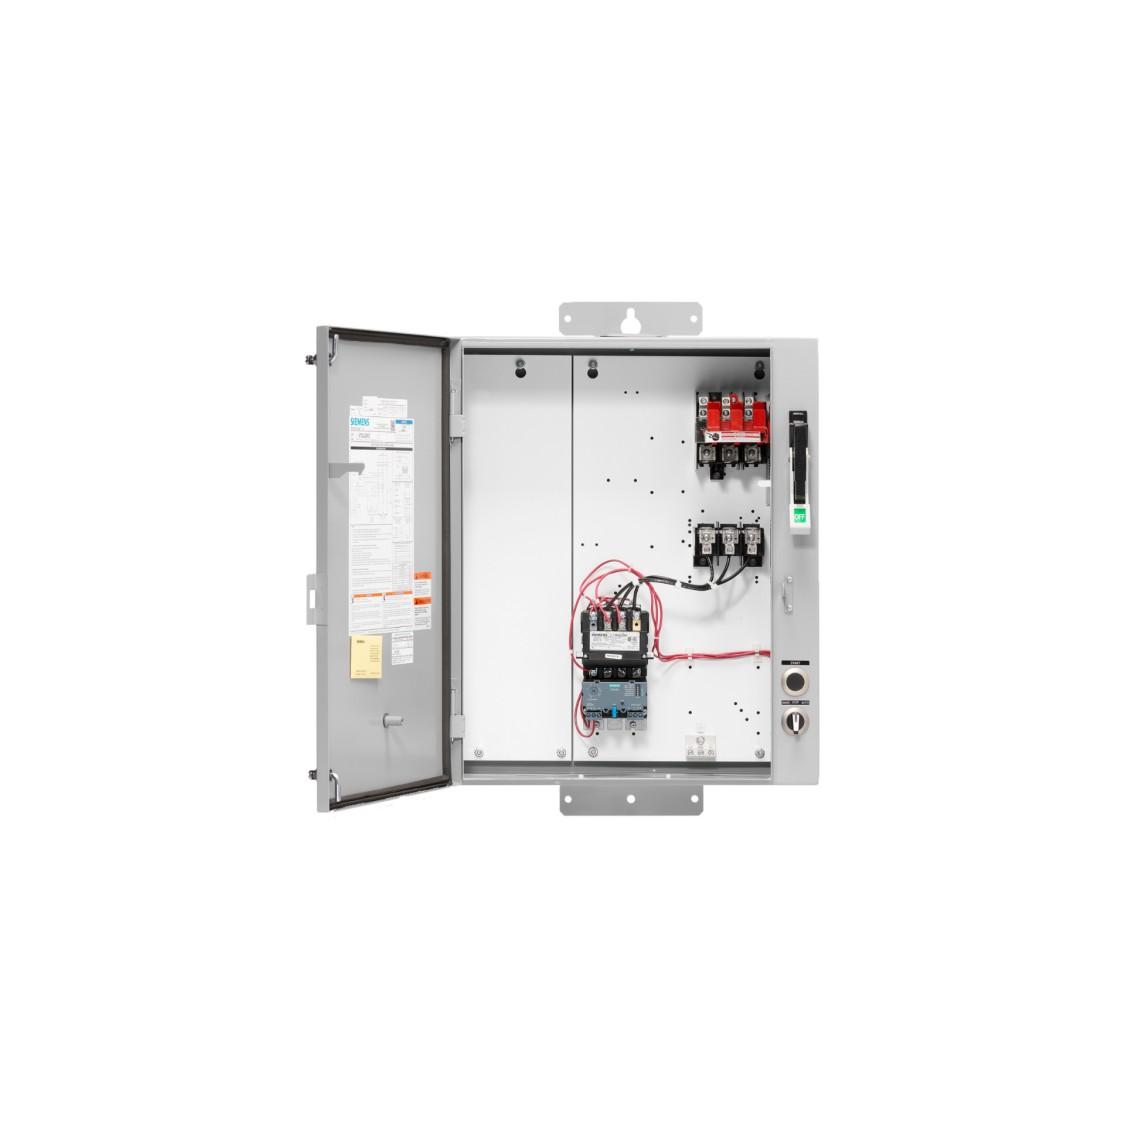 Pump Control Panels | General Purpose